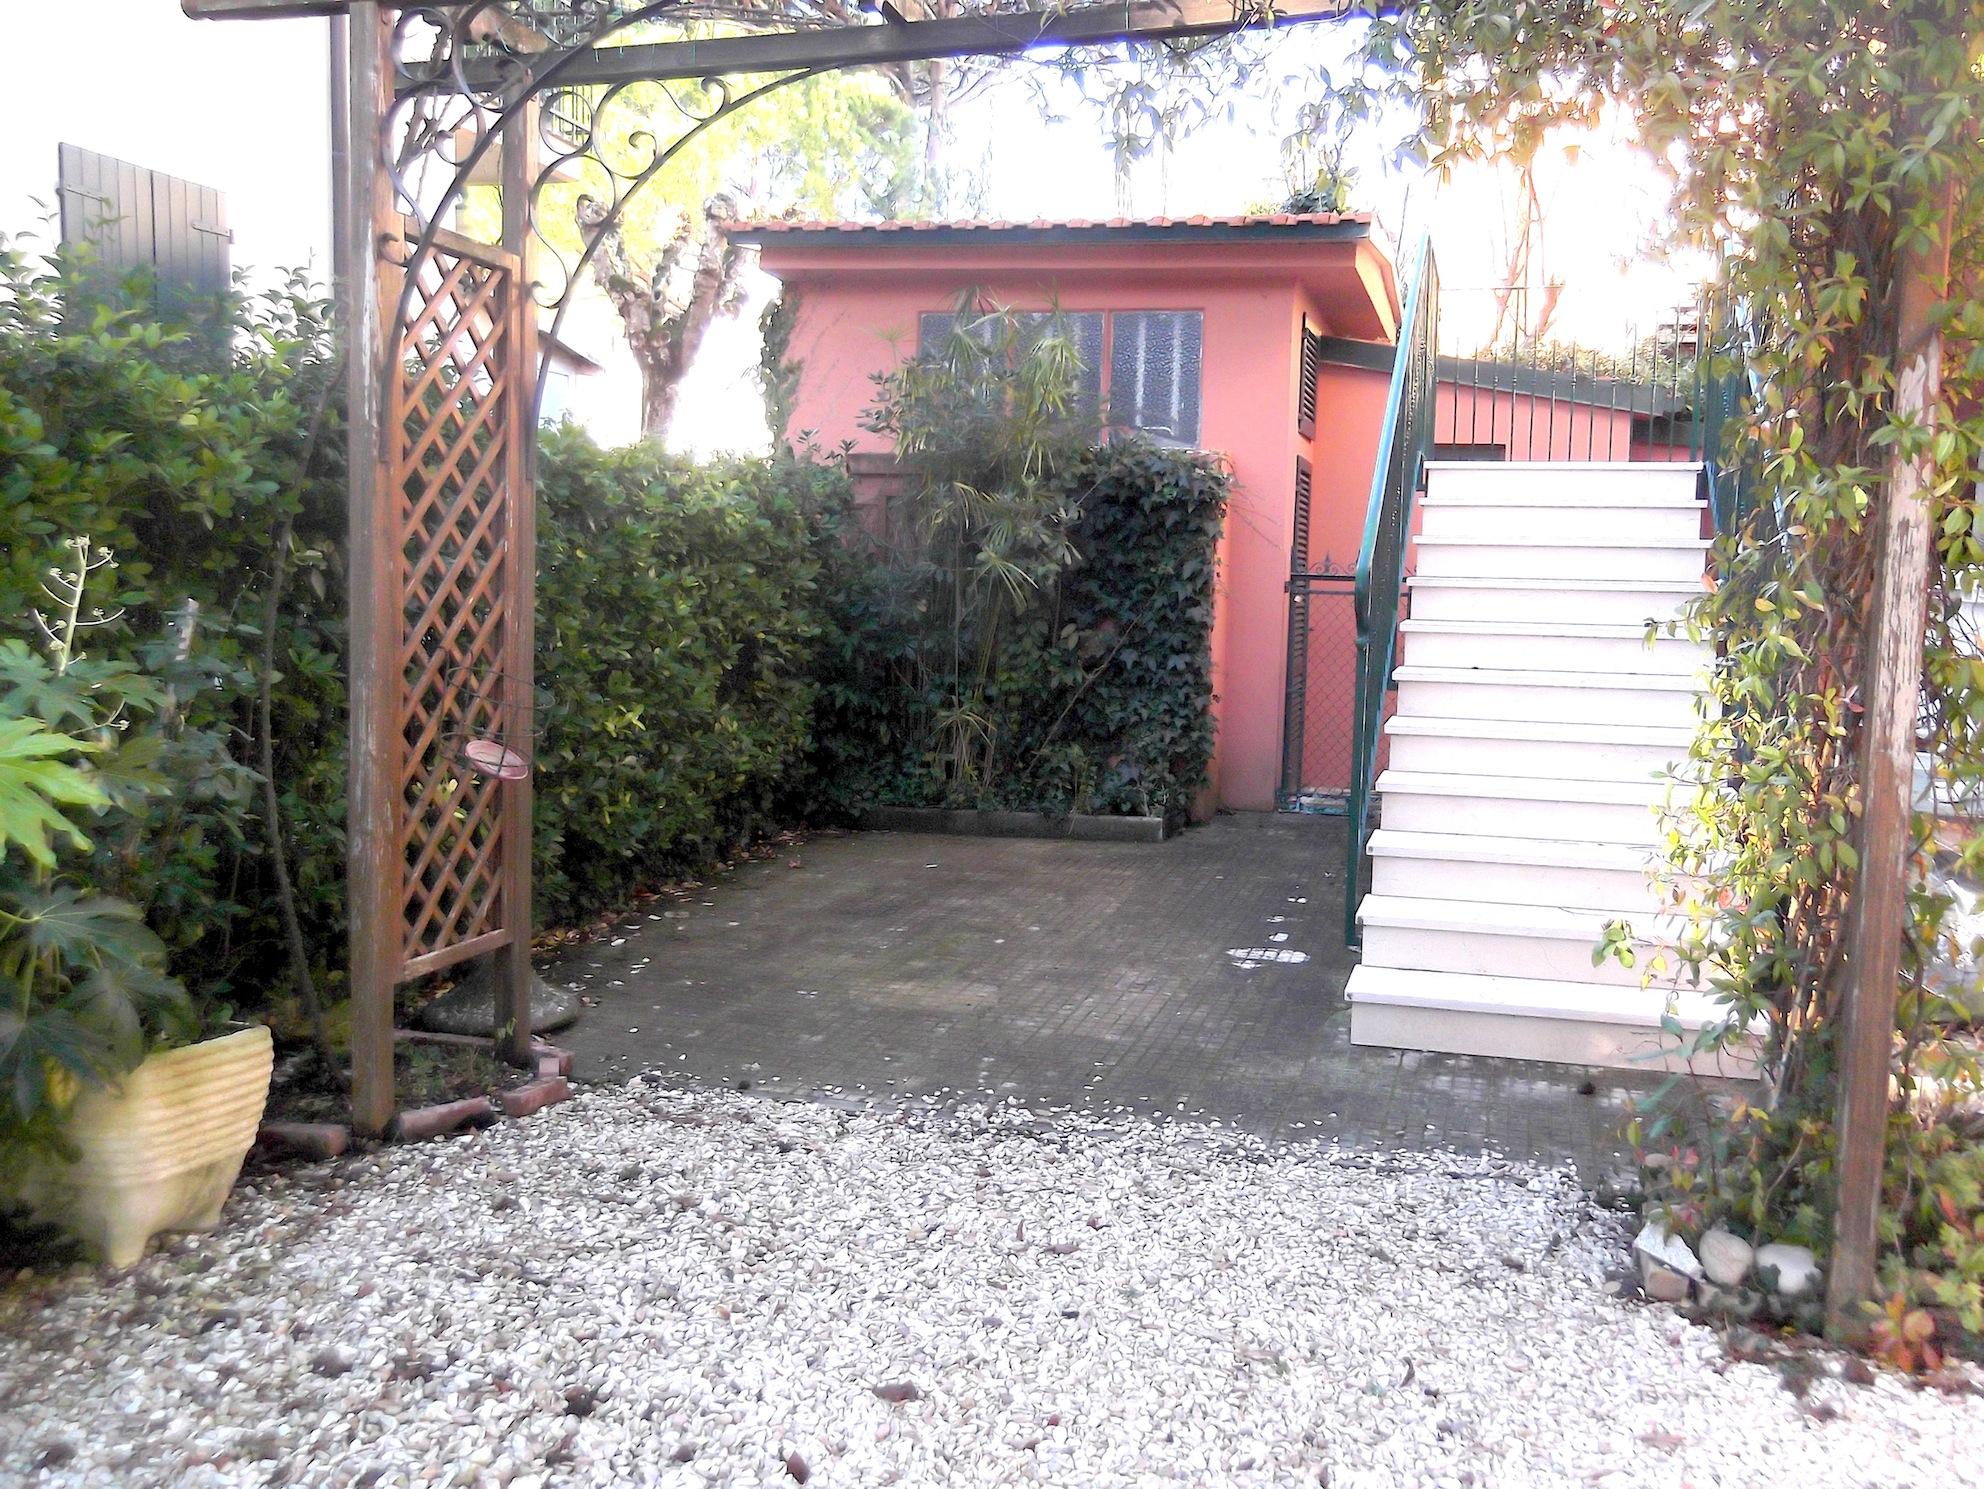 Riccione abissinia appartamento in affitto stagionale con 3 camere e giardino - Affitto casa con giardino ...